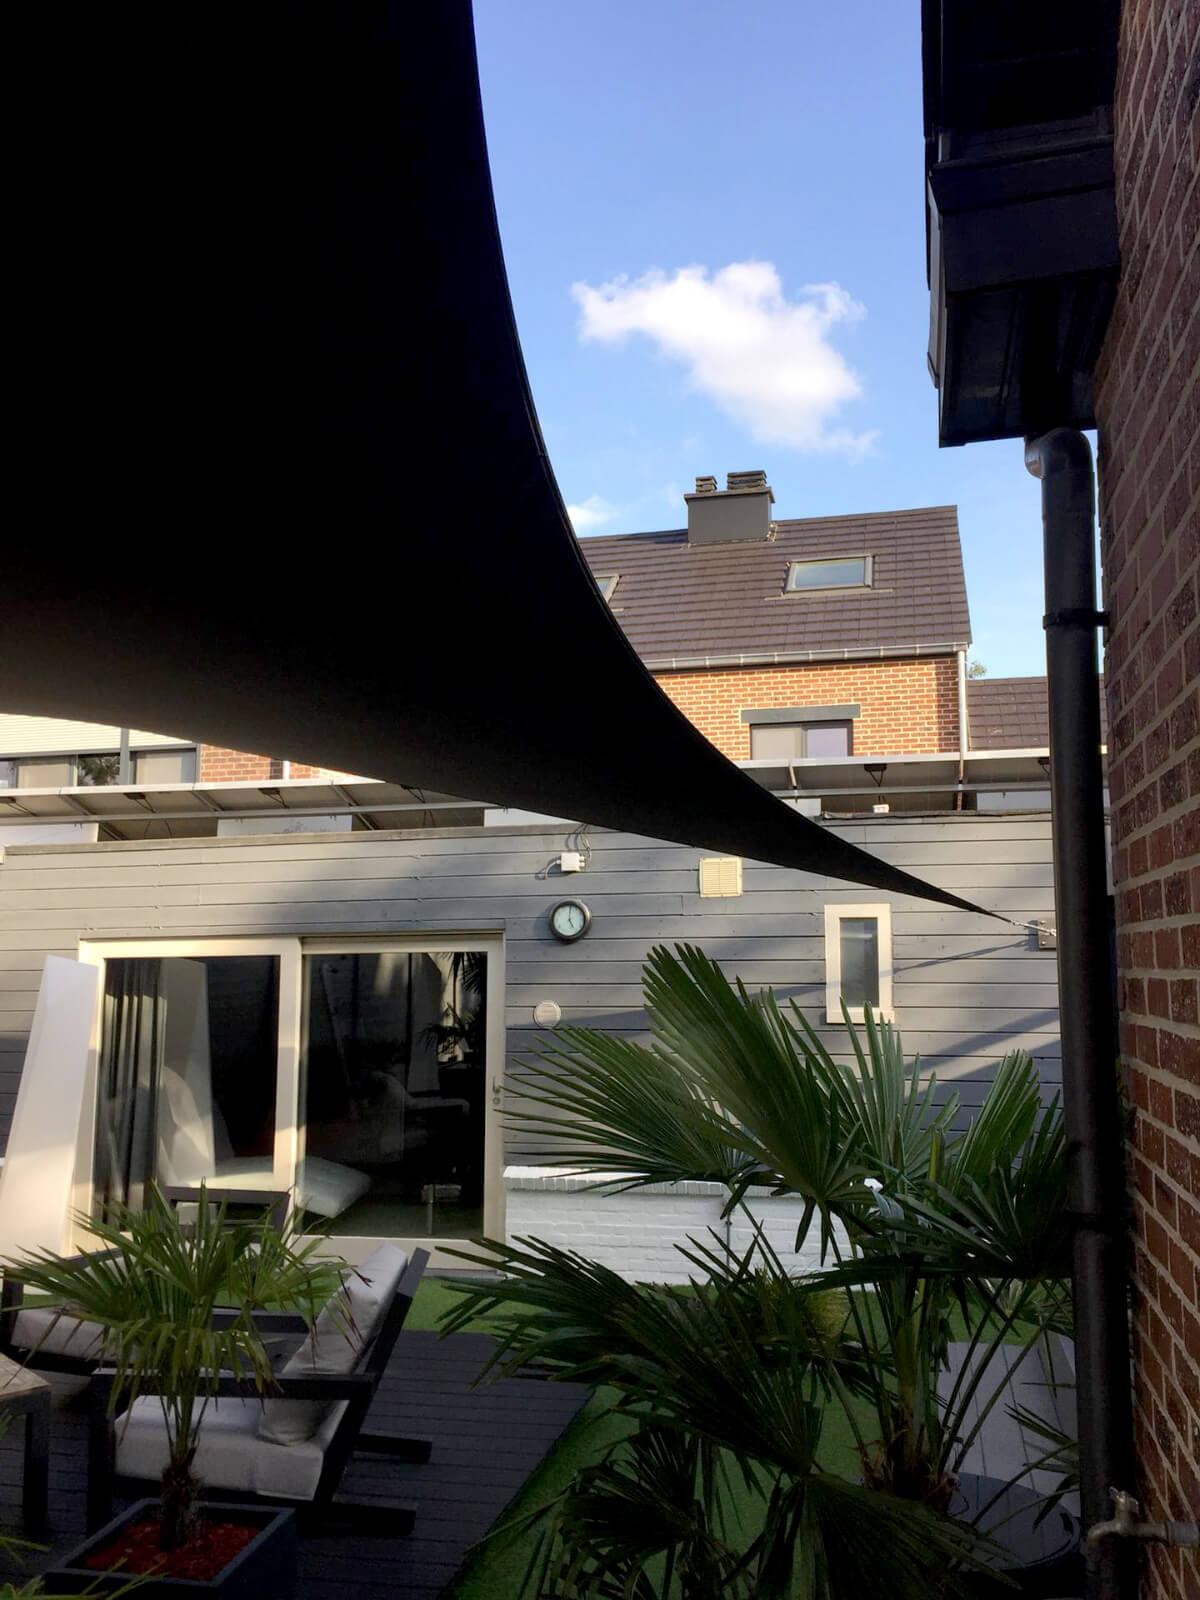 Design overkapping van zeil doek als zonnezeil systeem op dakterras - Texstyleroofs